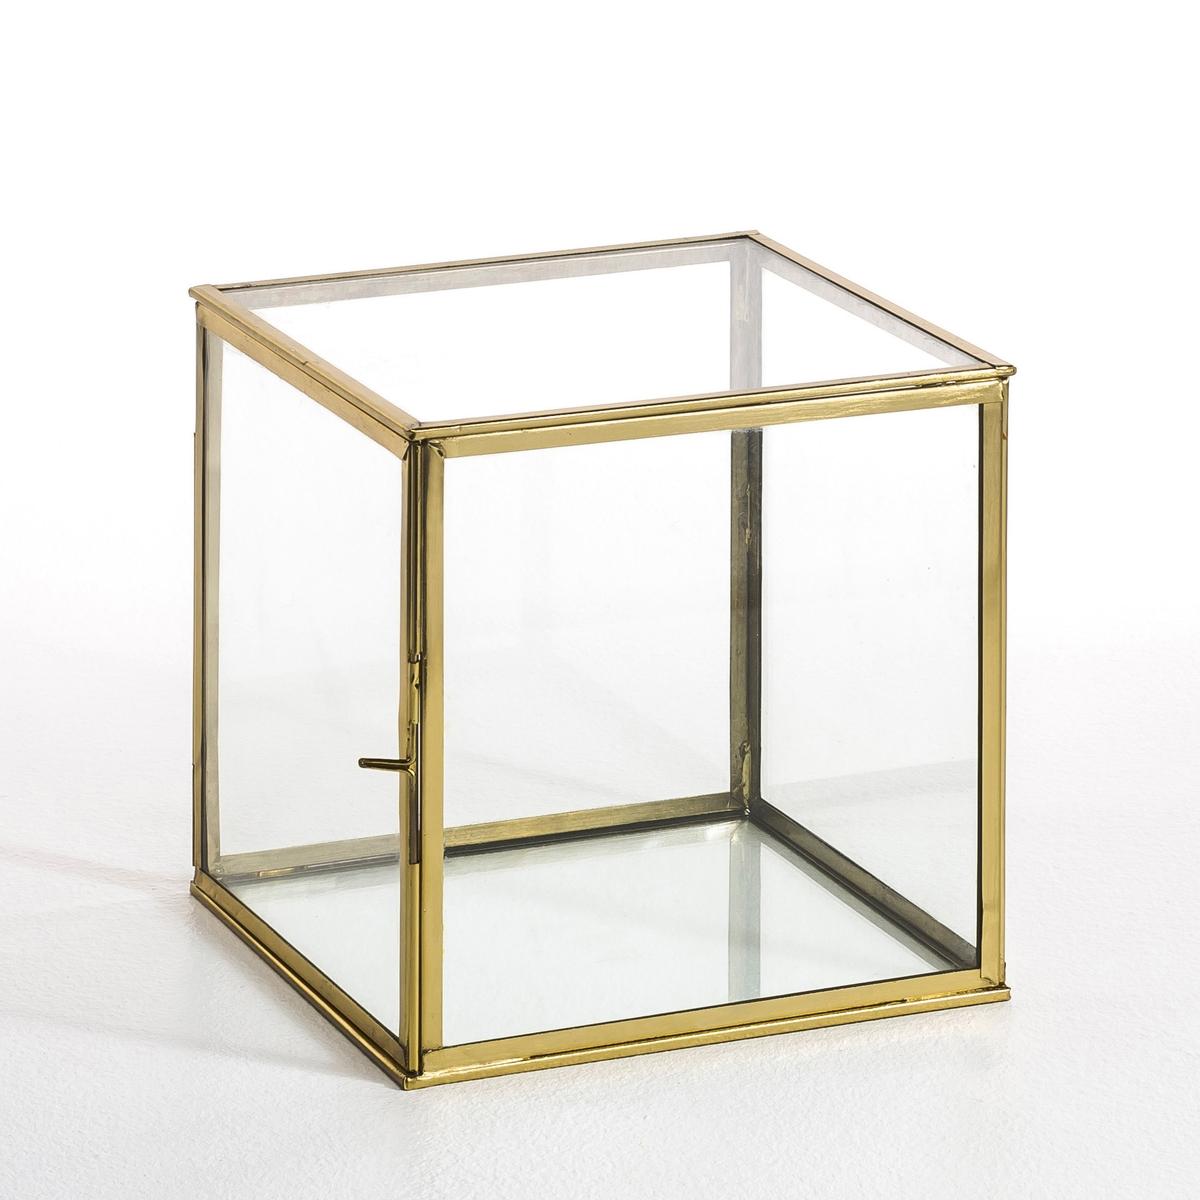 Коробка-витрина, MisiaХарактеристики : - Выполнена из стекла и металла.Размер : - 20 x 20 x 20 см<br><br>Цвет: латунь,черный металл